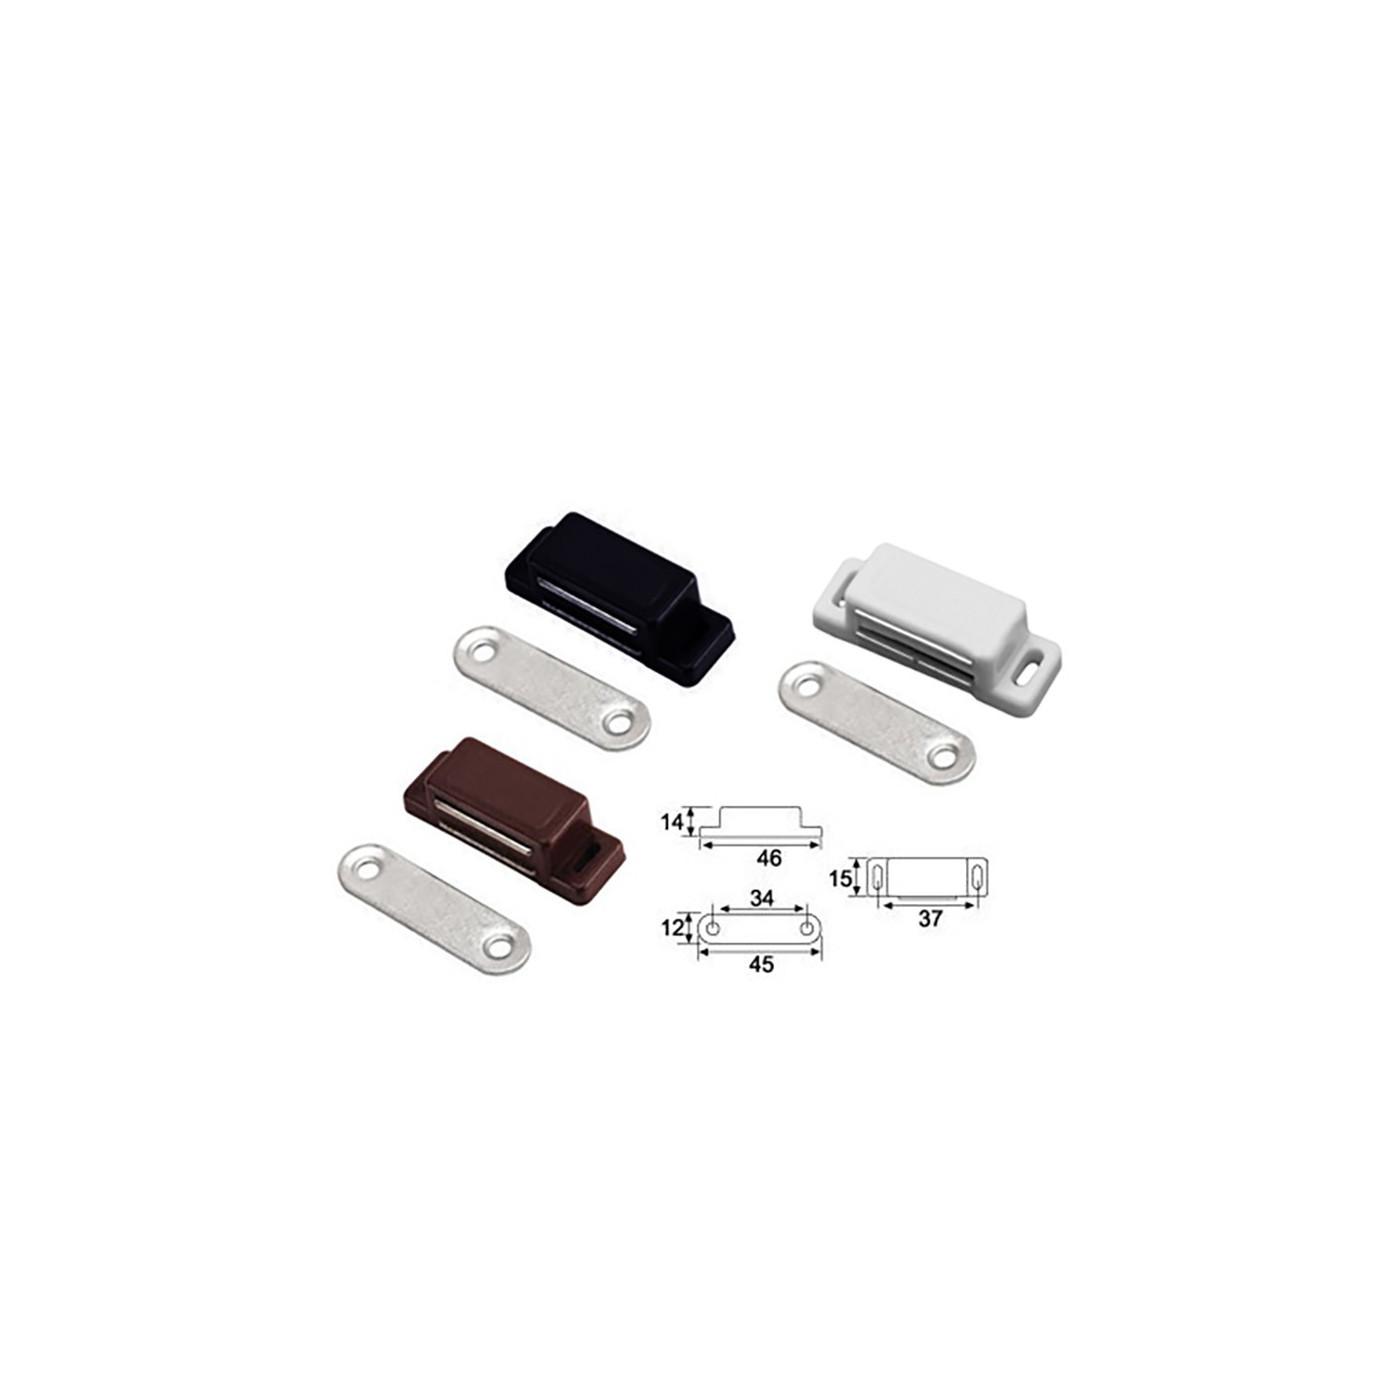 Set van 32 magneetsnappers, magneetsloten, zwart